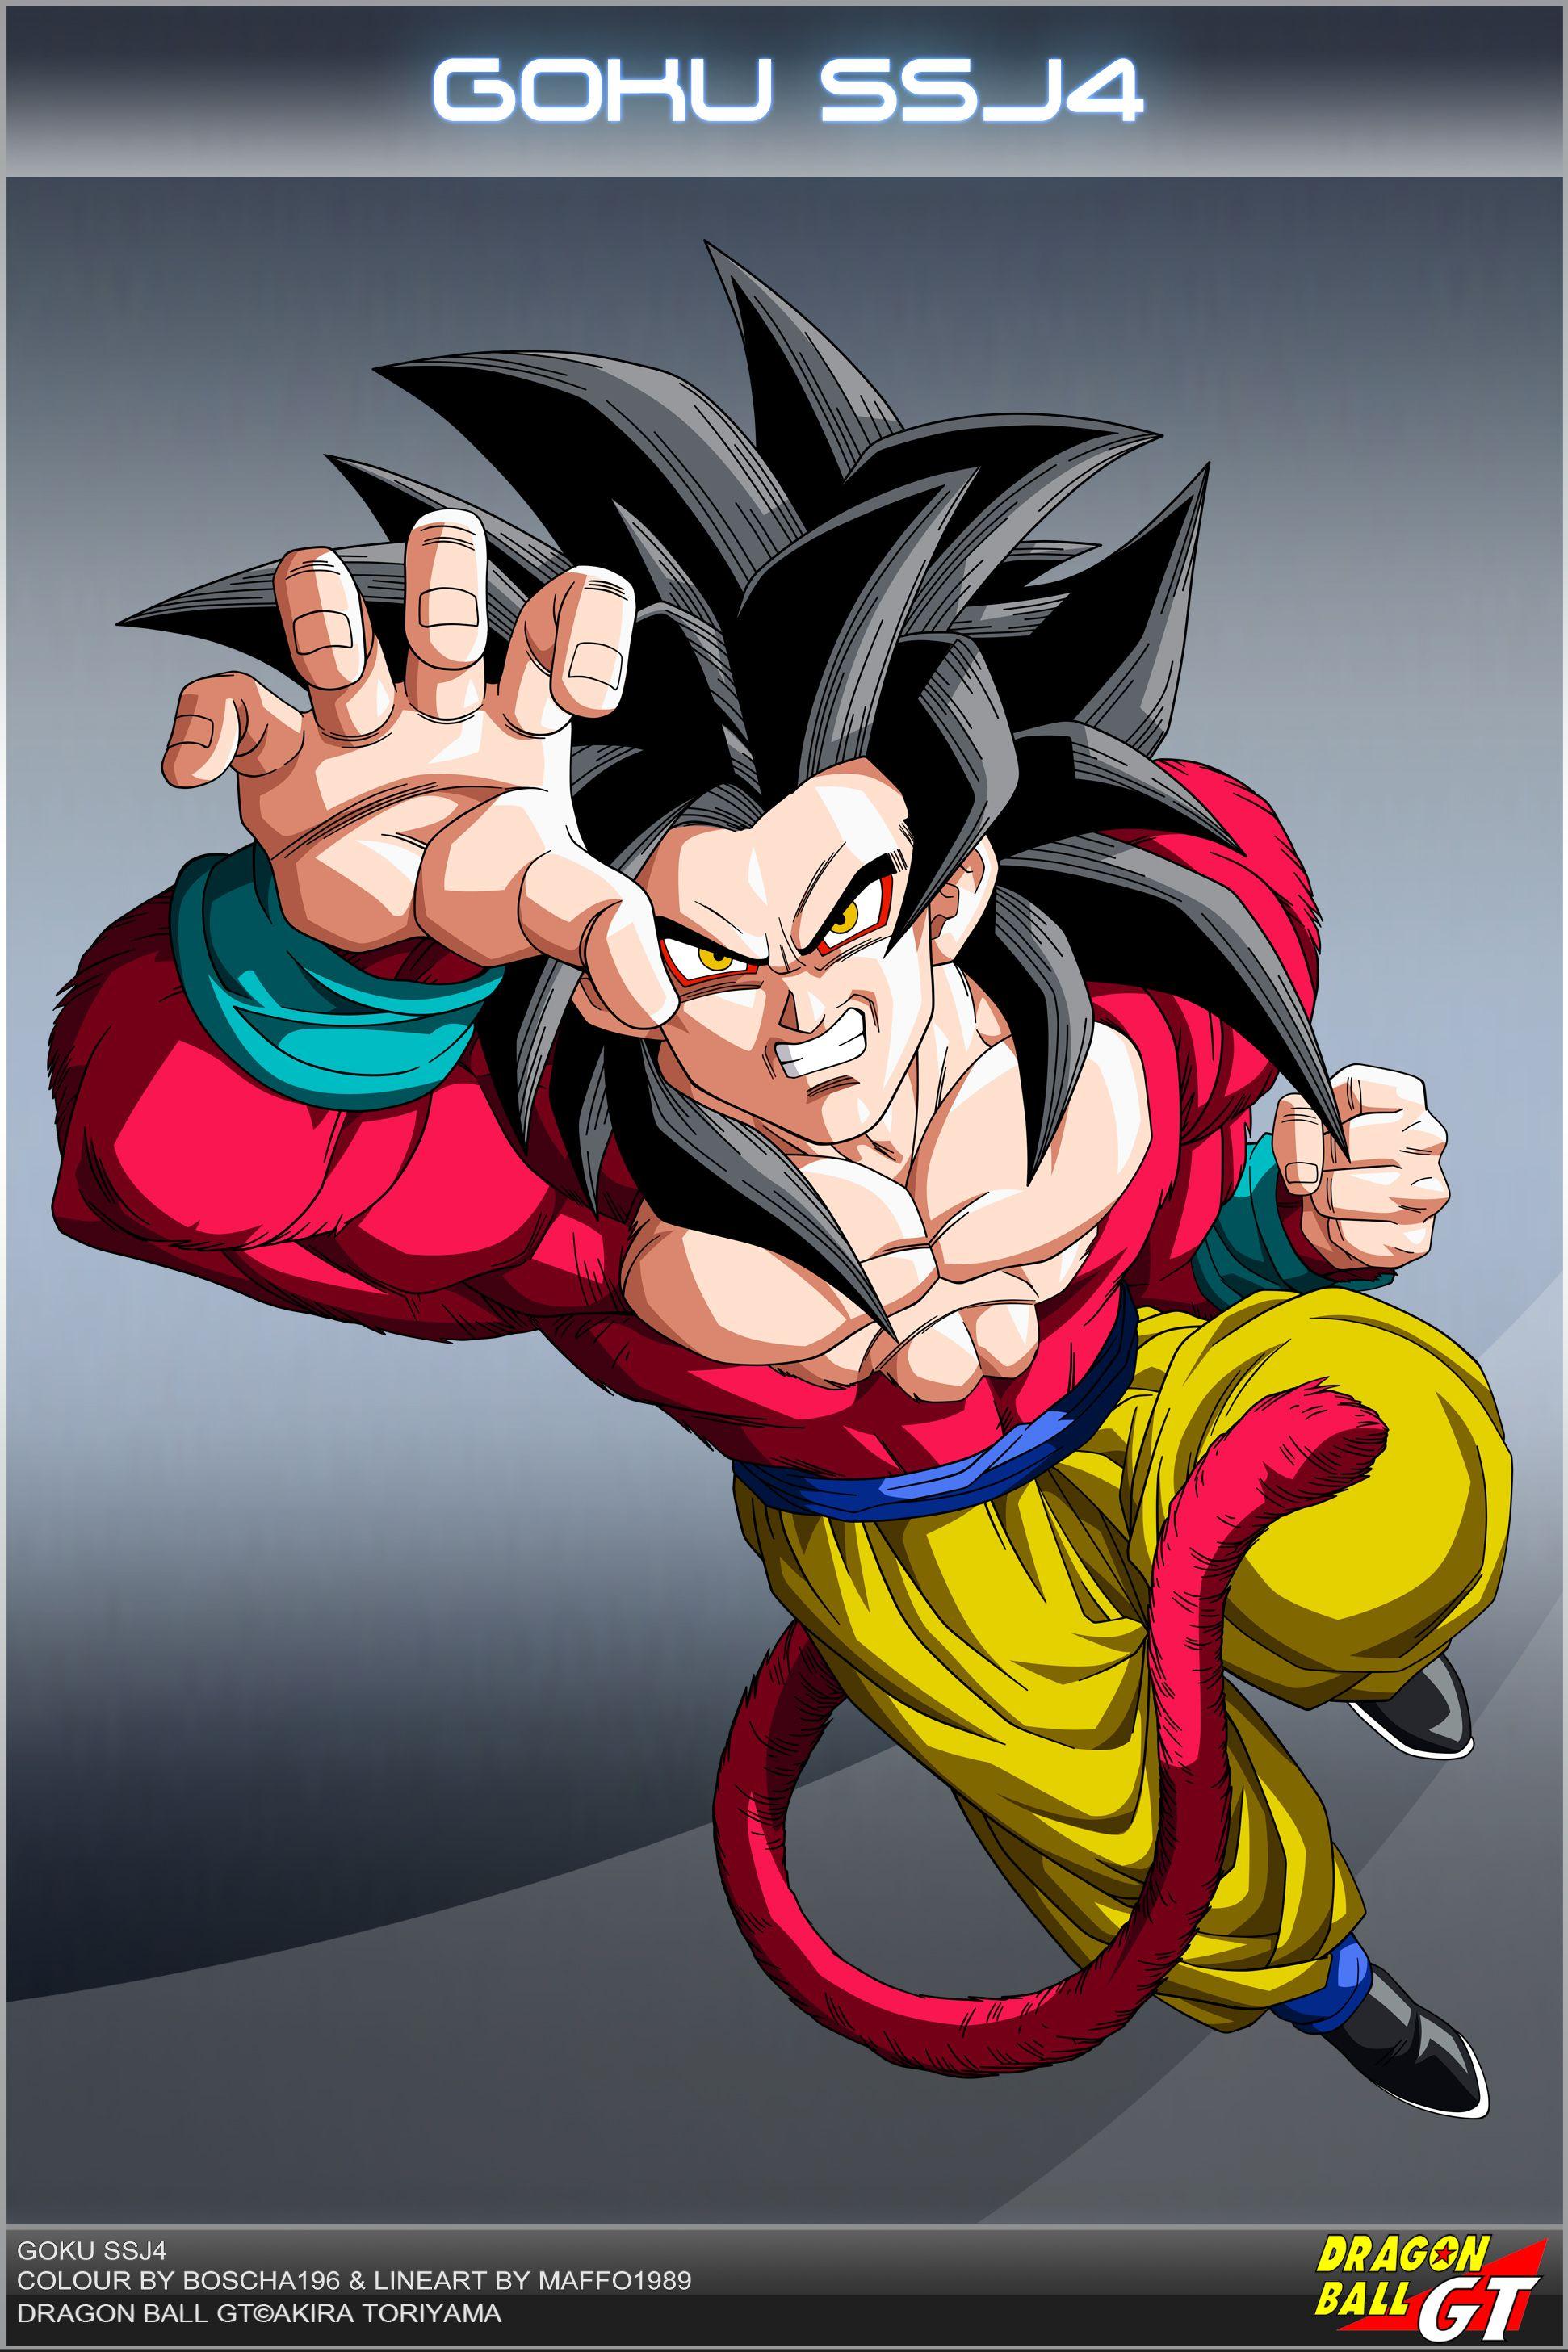 Dragon Ball Gt Goku Ssj4 Vs Sa17 By Dbcproject On Deviantart Dragon Ball Super Goku Dragon Ball Anime Dragon Ball